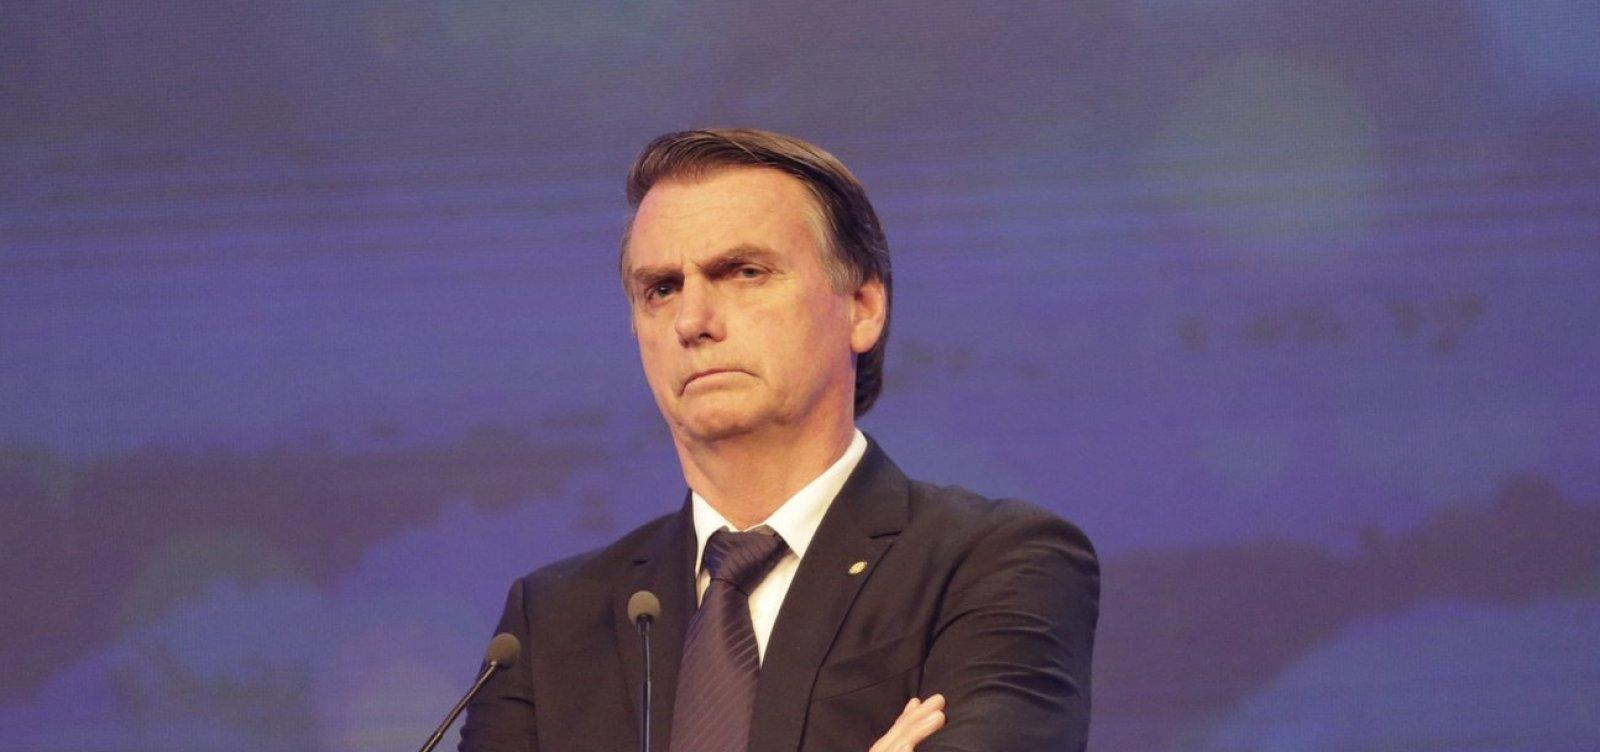 [Não há decisão sobre a fusão dos ministérios da Agricultura e do Meio Ambiente, diz assessoria de Bolsonaro]